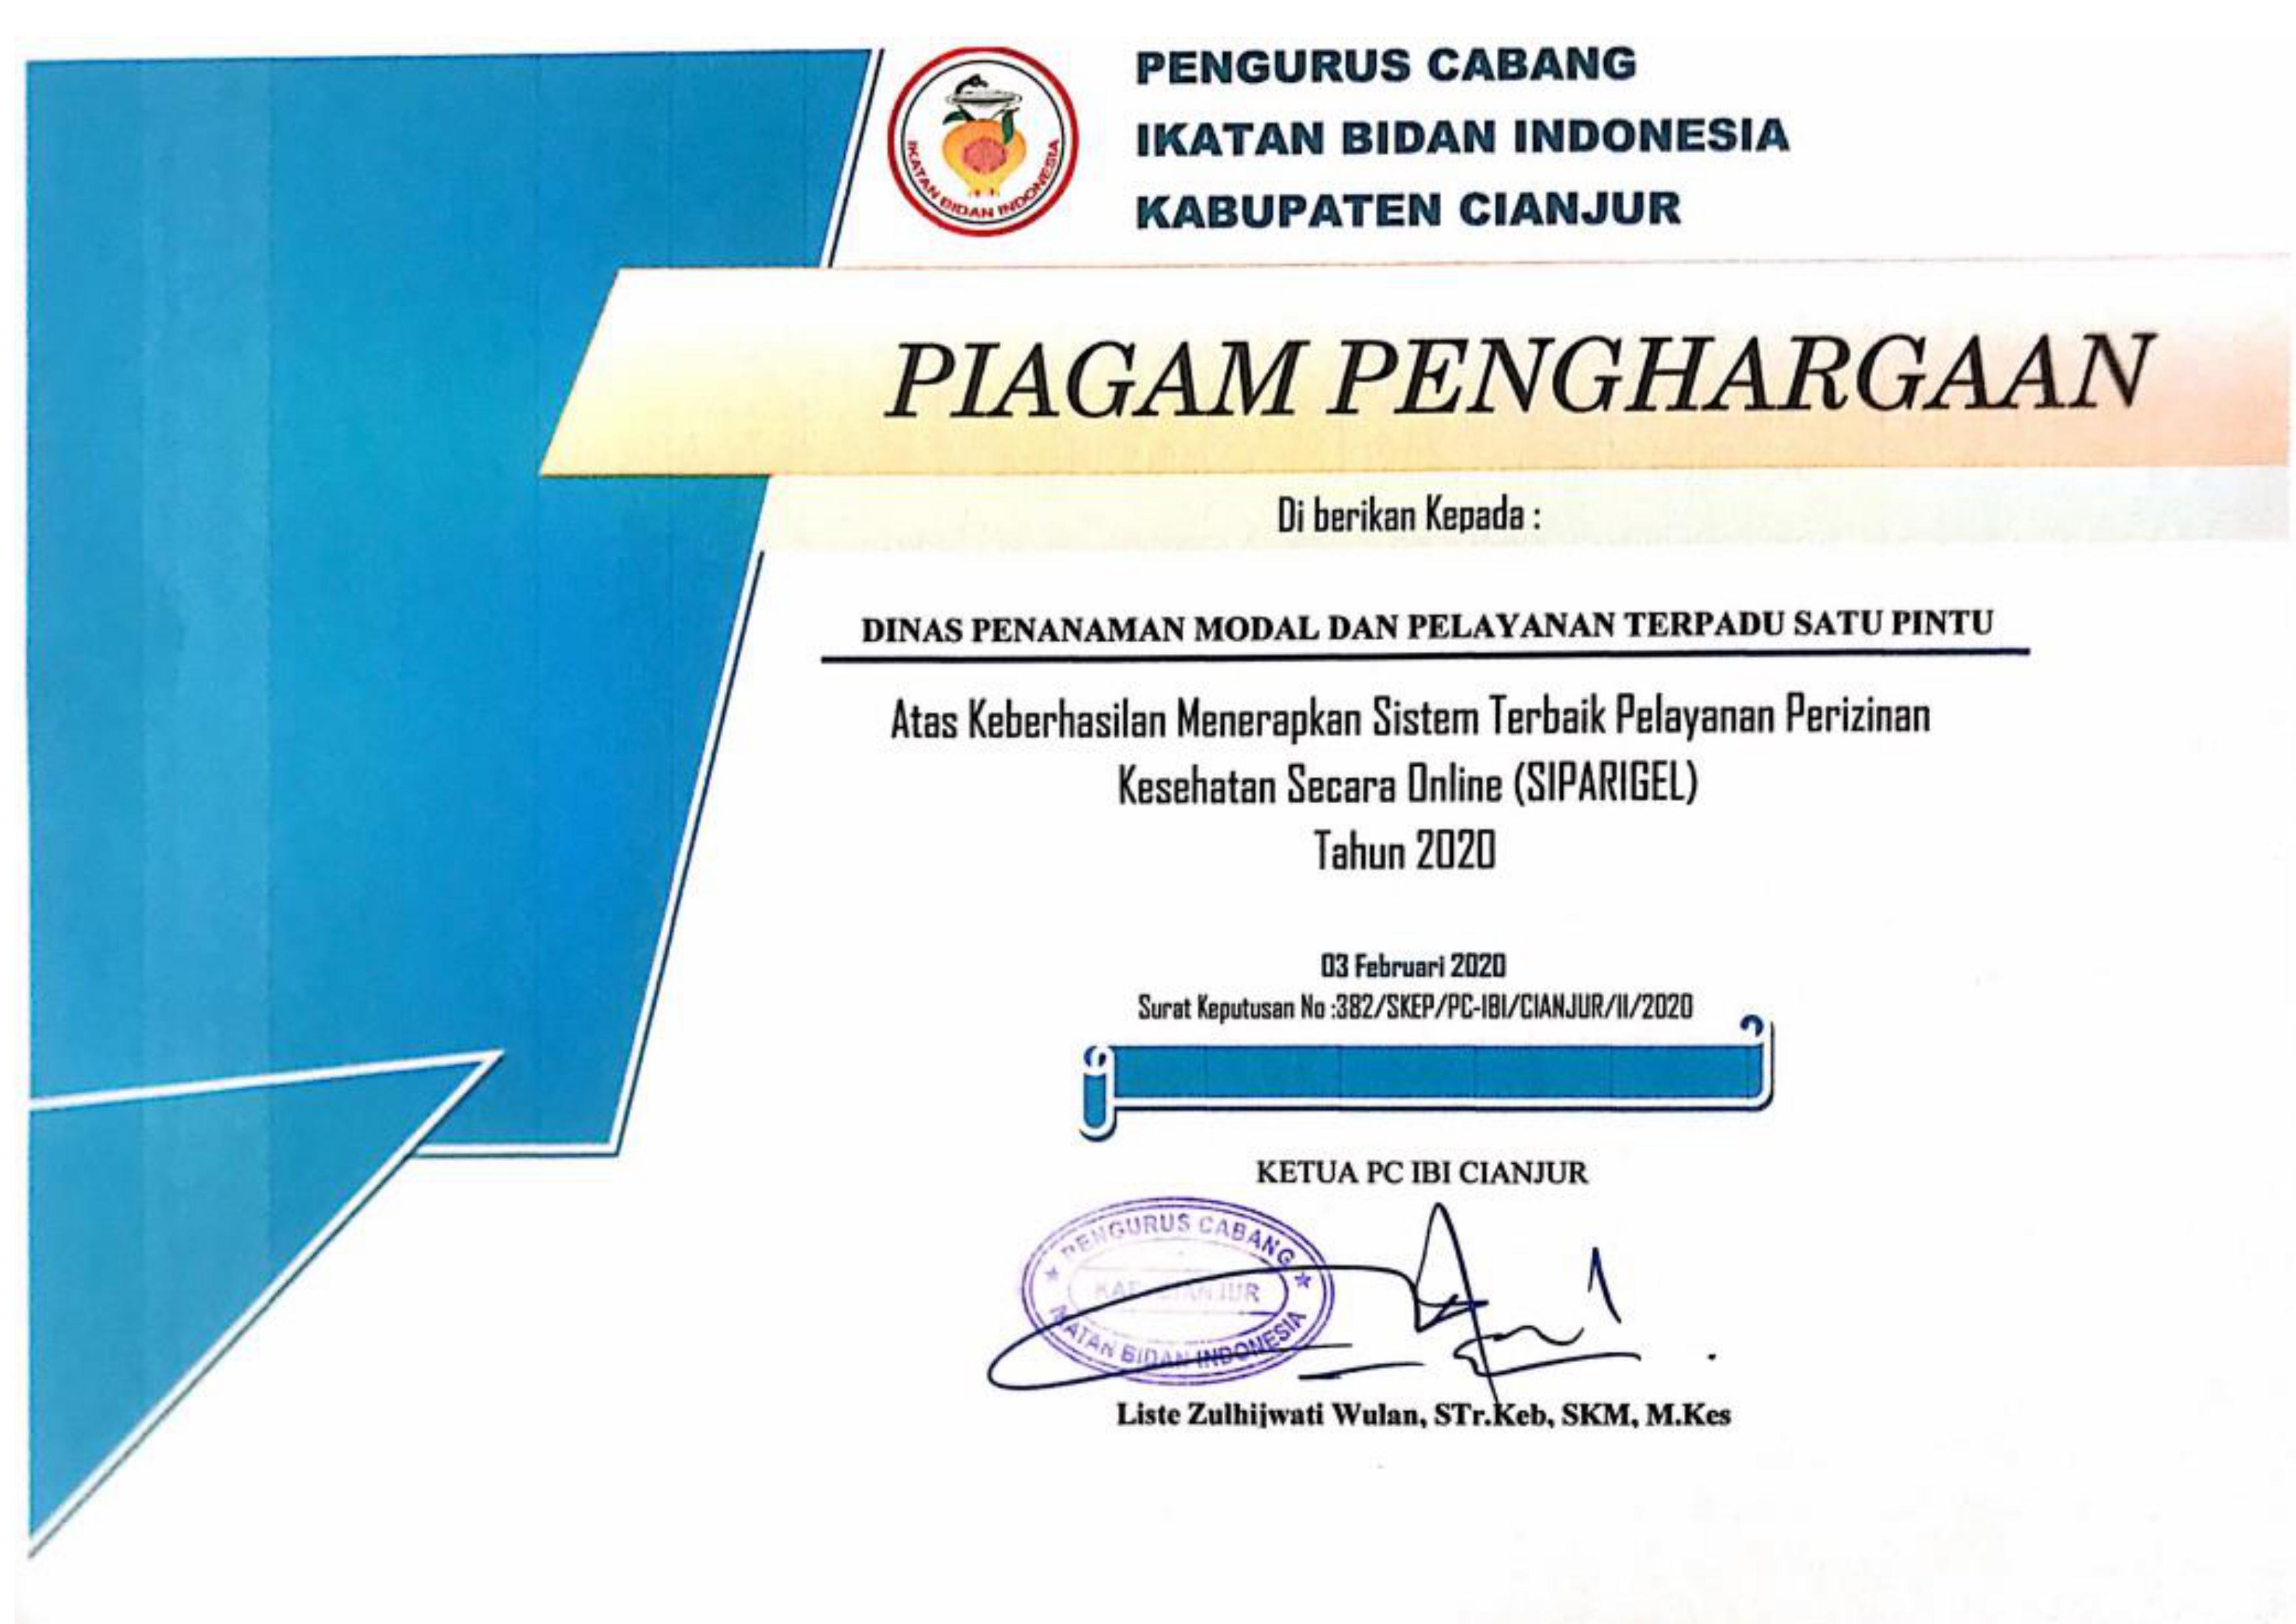 ikatan-bidan-indonesia-kabupaten-cianjur-memberikan-piagam-penghargaan-kepada-dpmptsp-kabupaten-cianjur-atas-keberhasilan-penerapan-sistem-perizinan-online-di-sektor-kesehatan